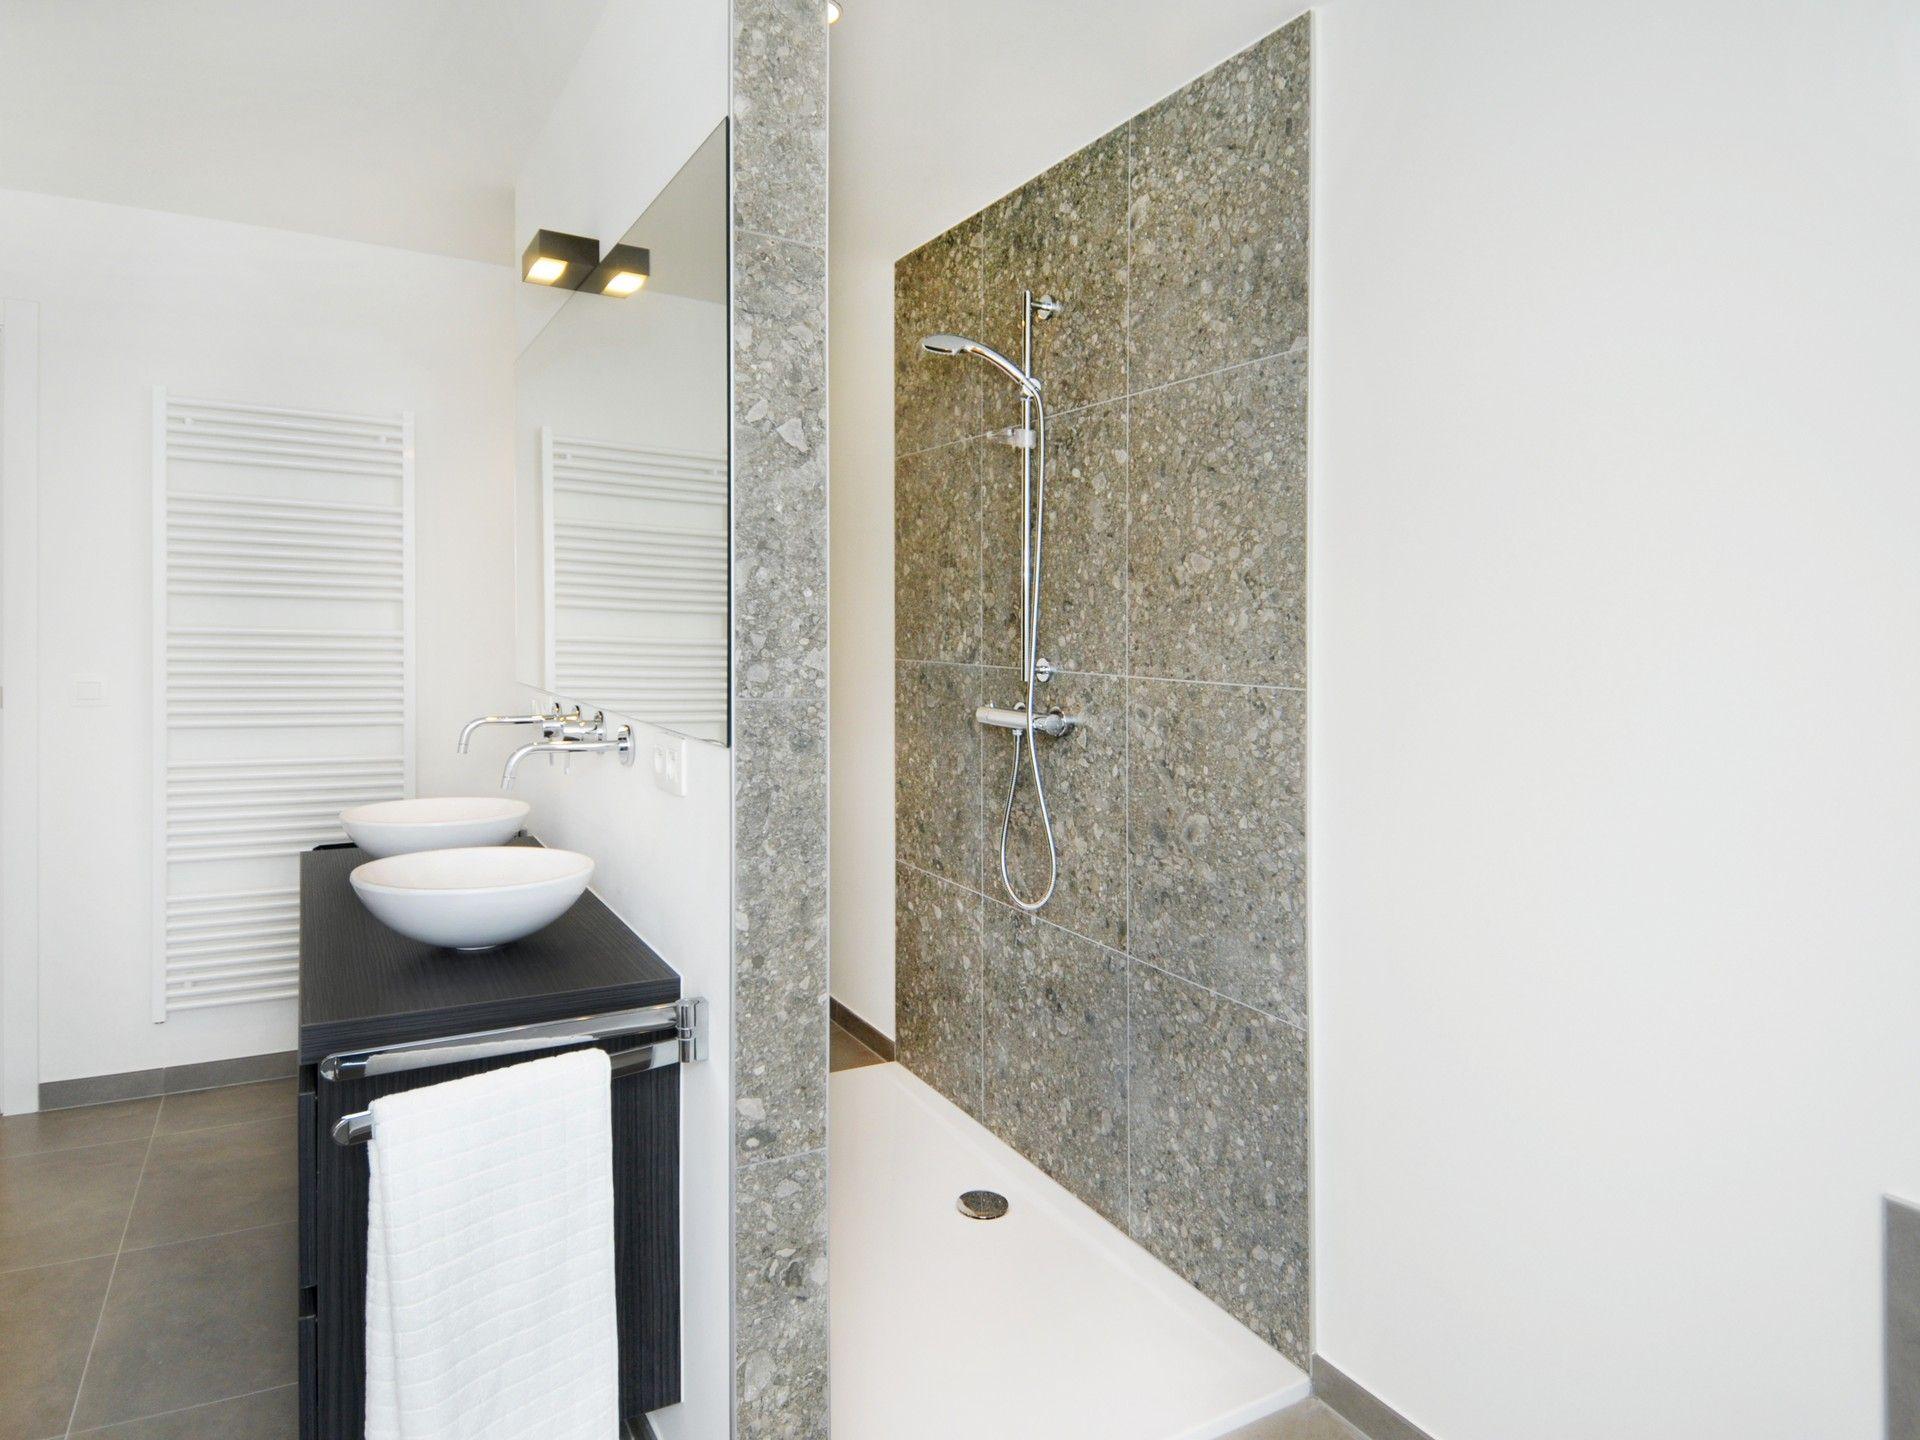 Kijkwoning dilbeek badkamer realisaties inspiratie durabrik